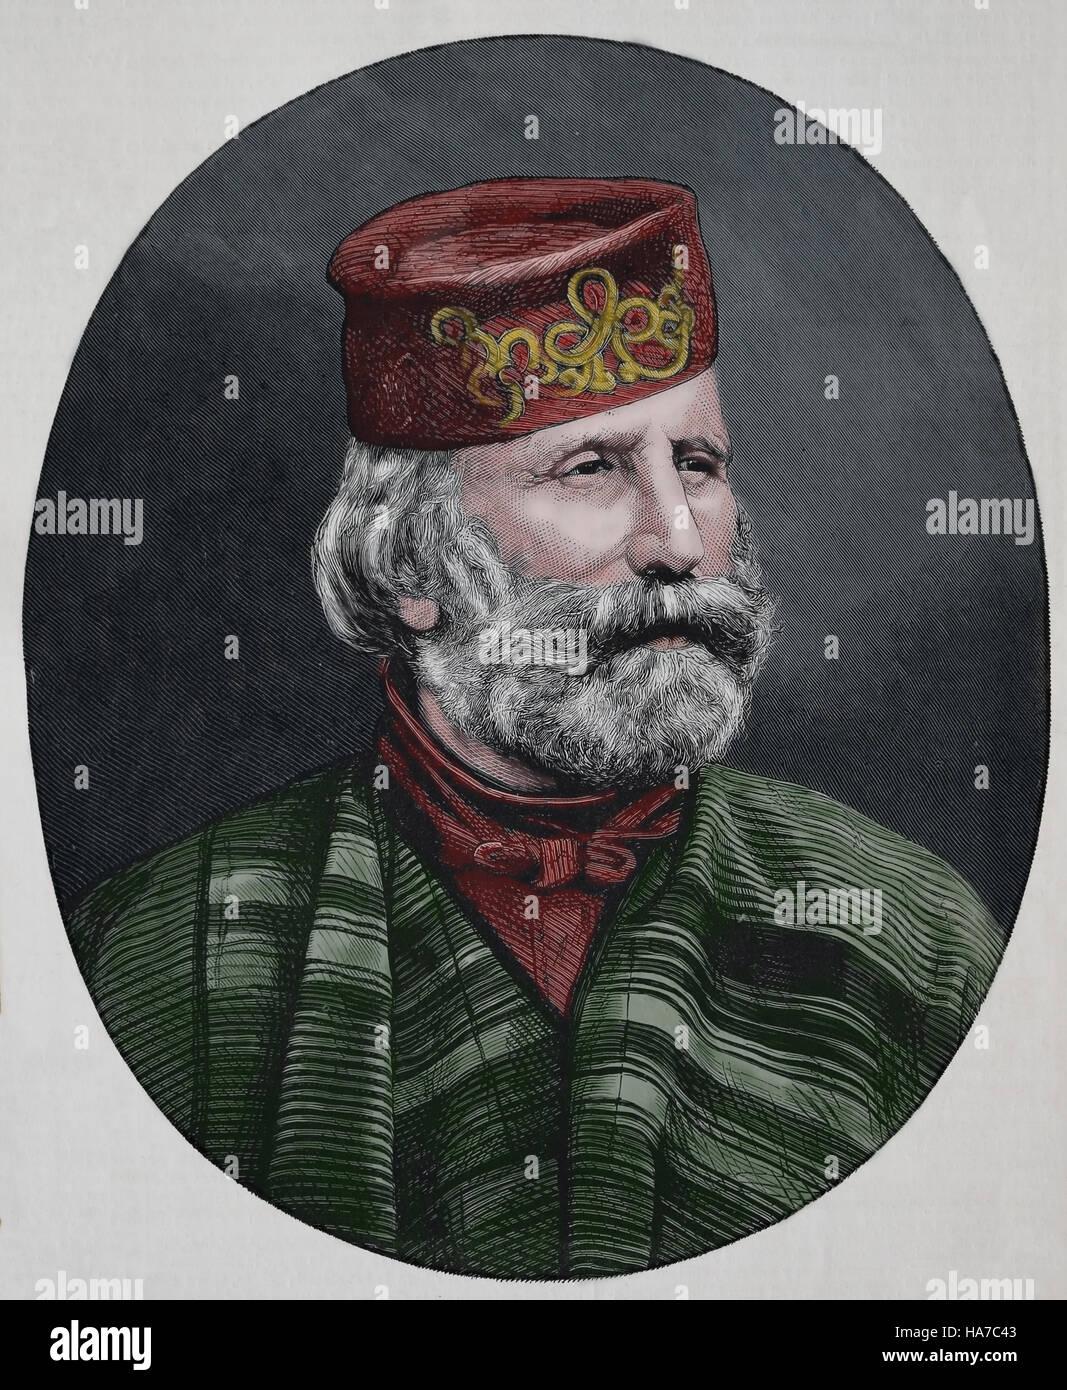 Giuseppe Garibaldi (1807-1882). Italian general, politician and nationalist. Central figure in the Italian Risorgimento. - Stock Image